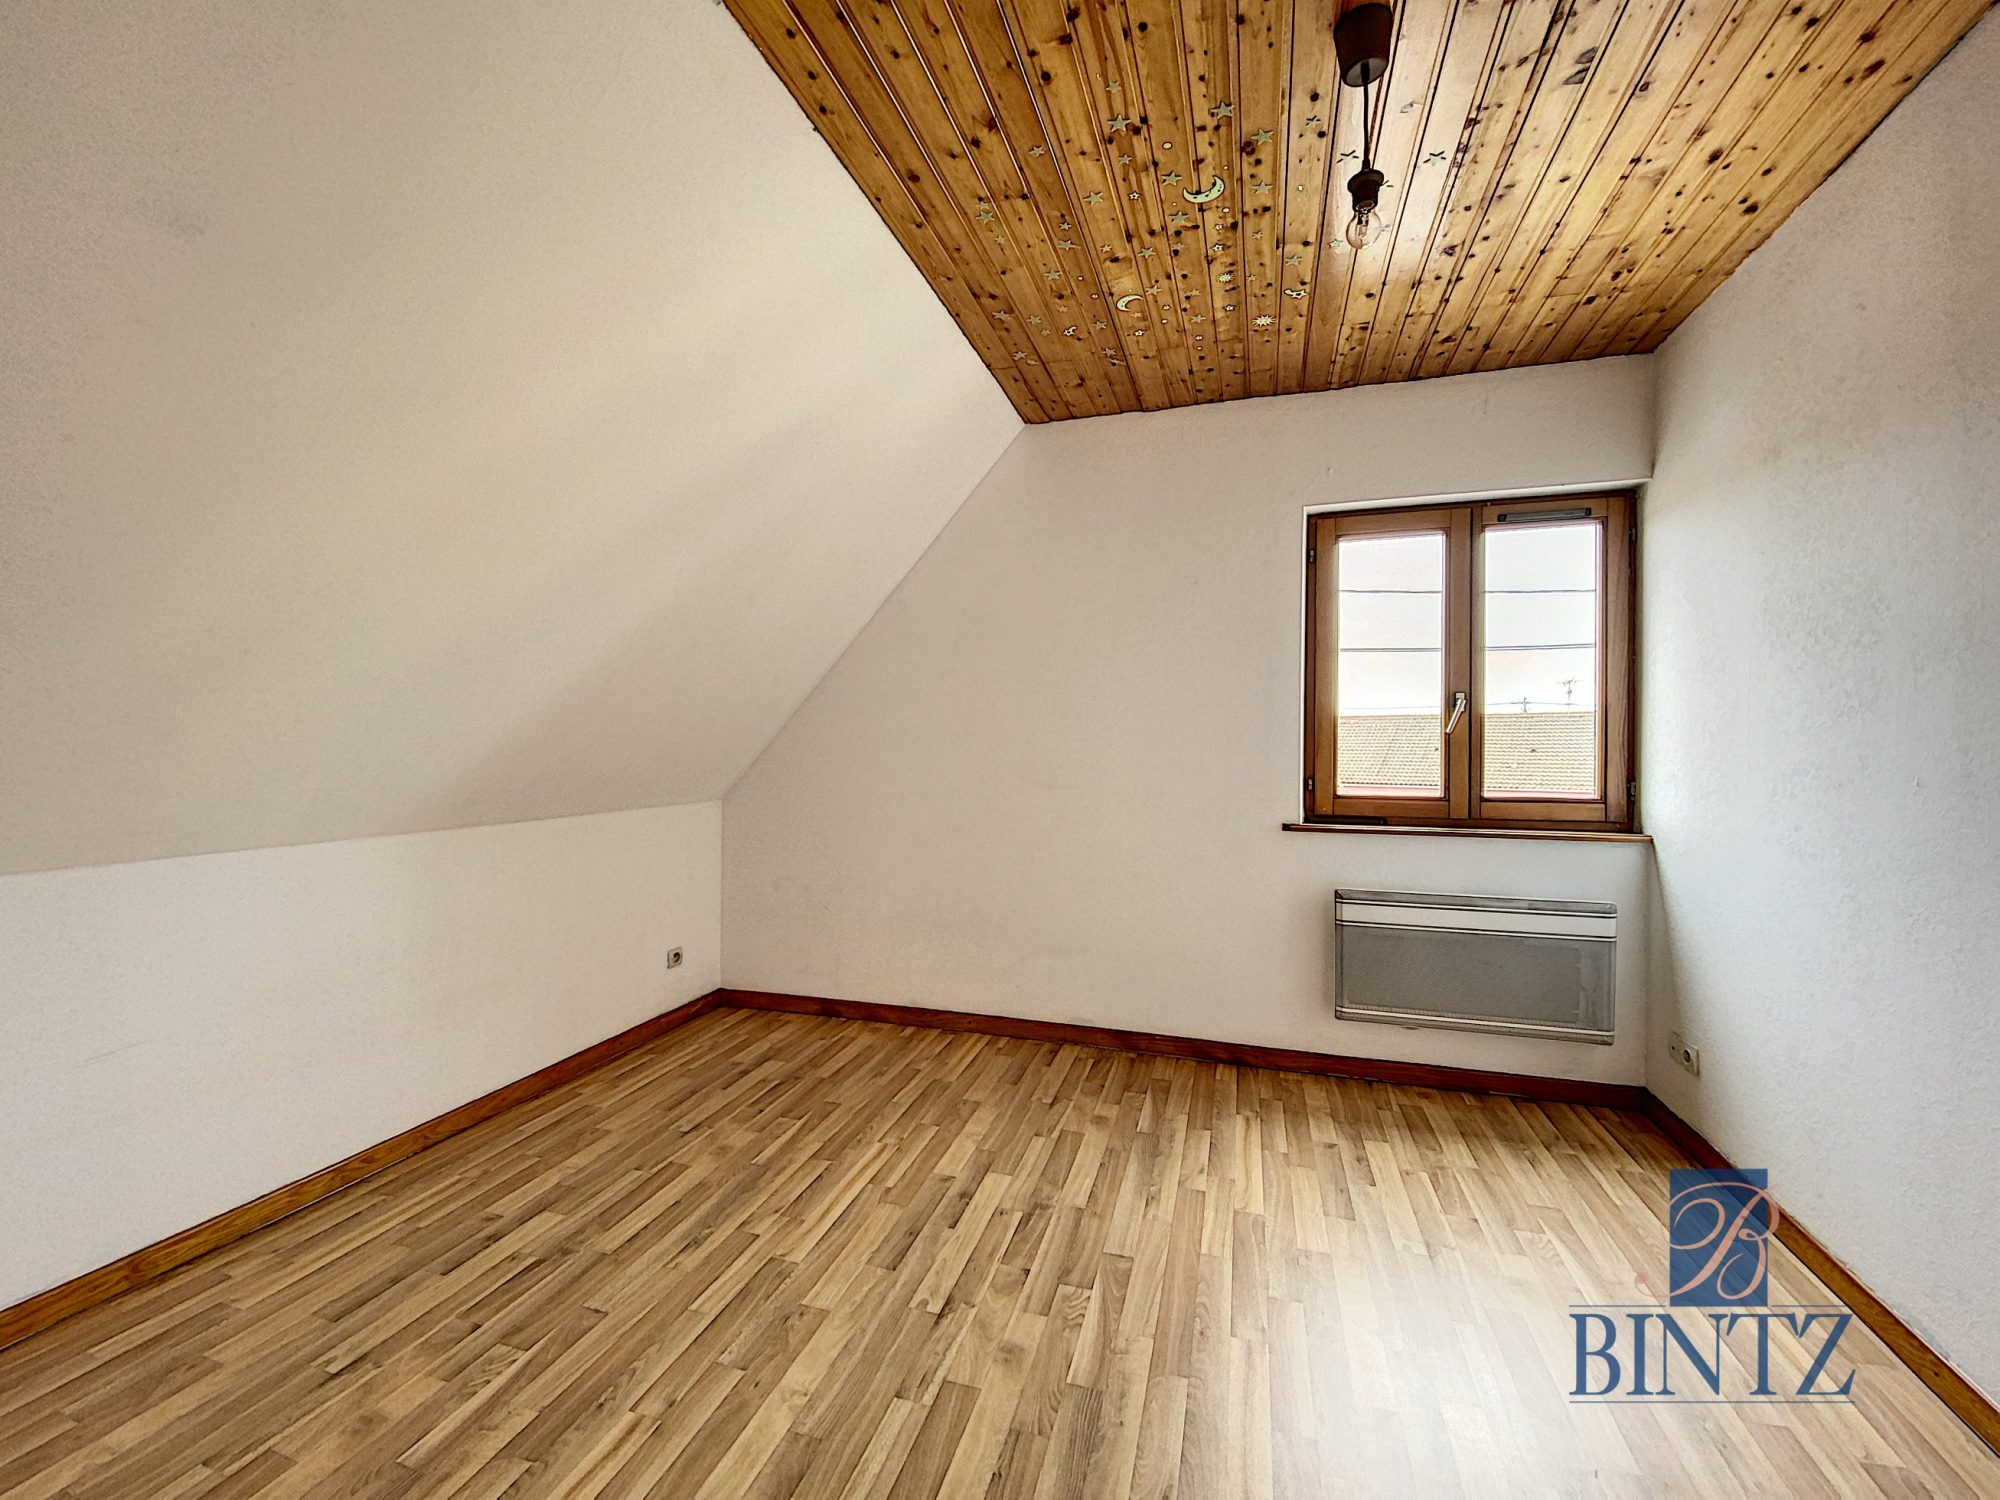 Charmant T3 Duplex avec belle terrasse - Devenez propriétaire en toute confiance - Bintz Immobilier - 9